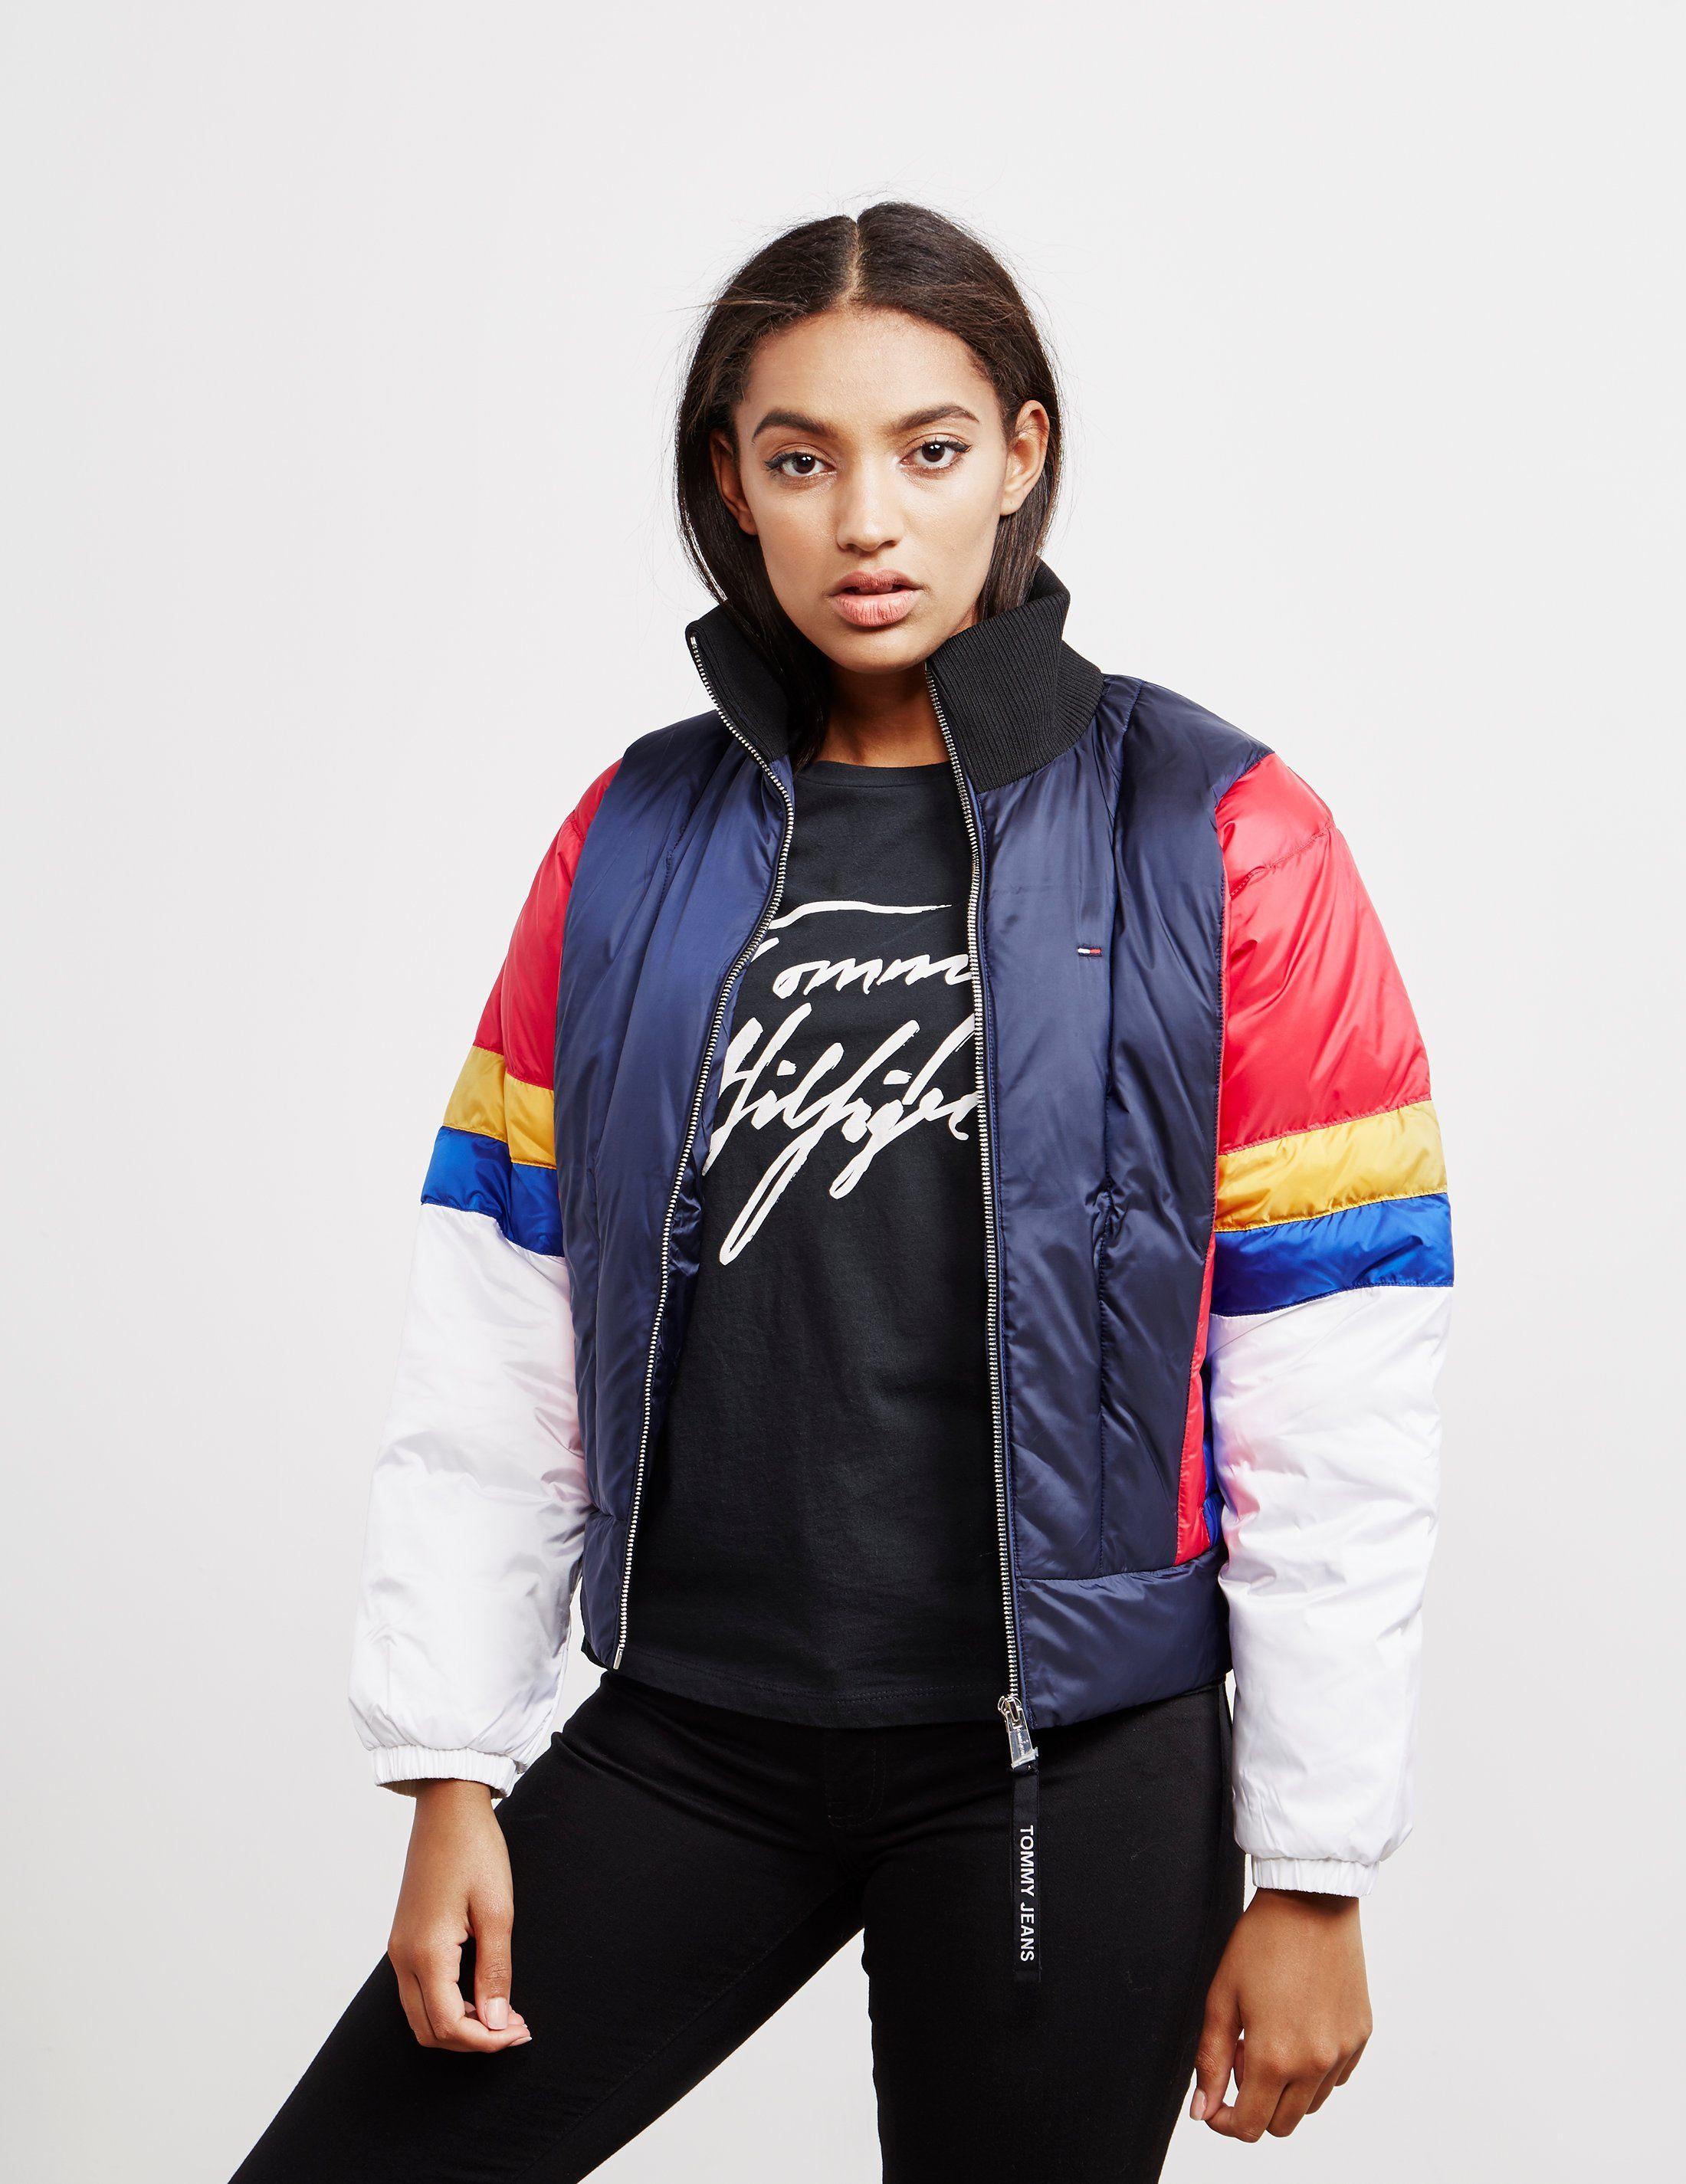 Tommy Jeans Colour Block Jacket - Online Exclusive